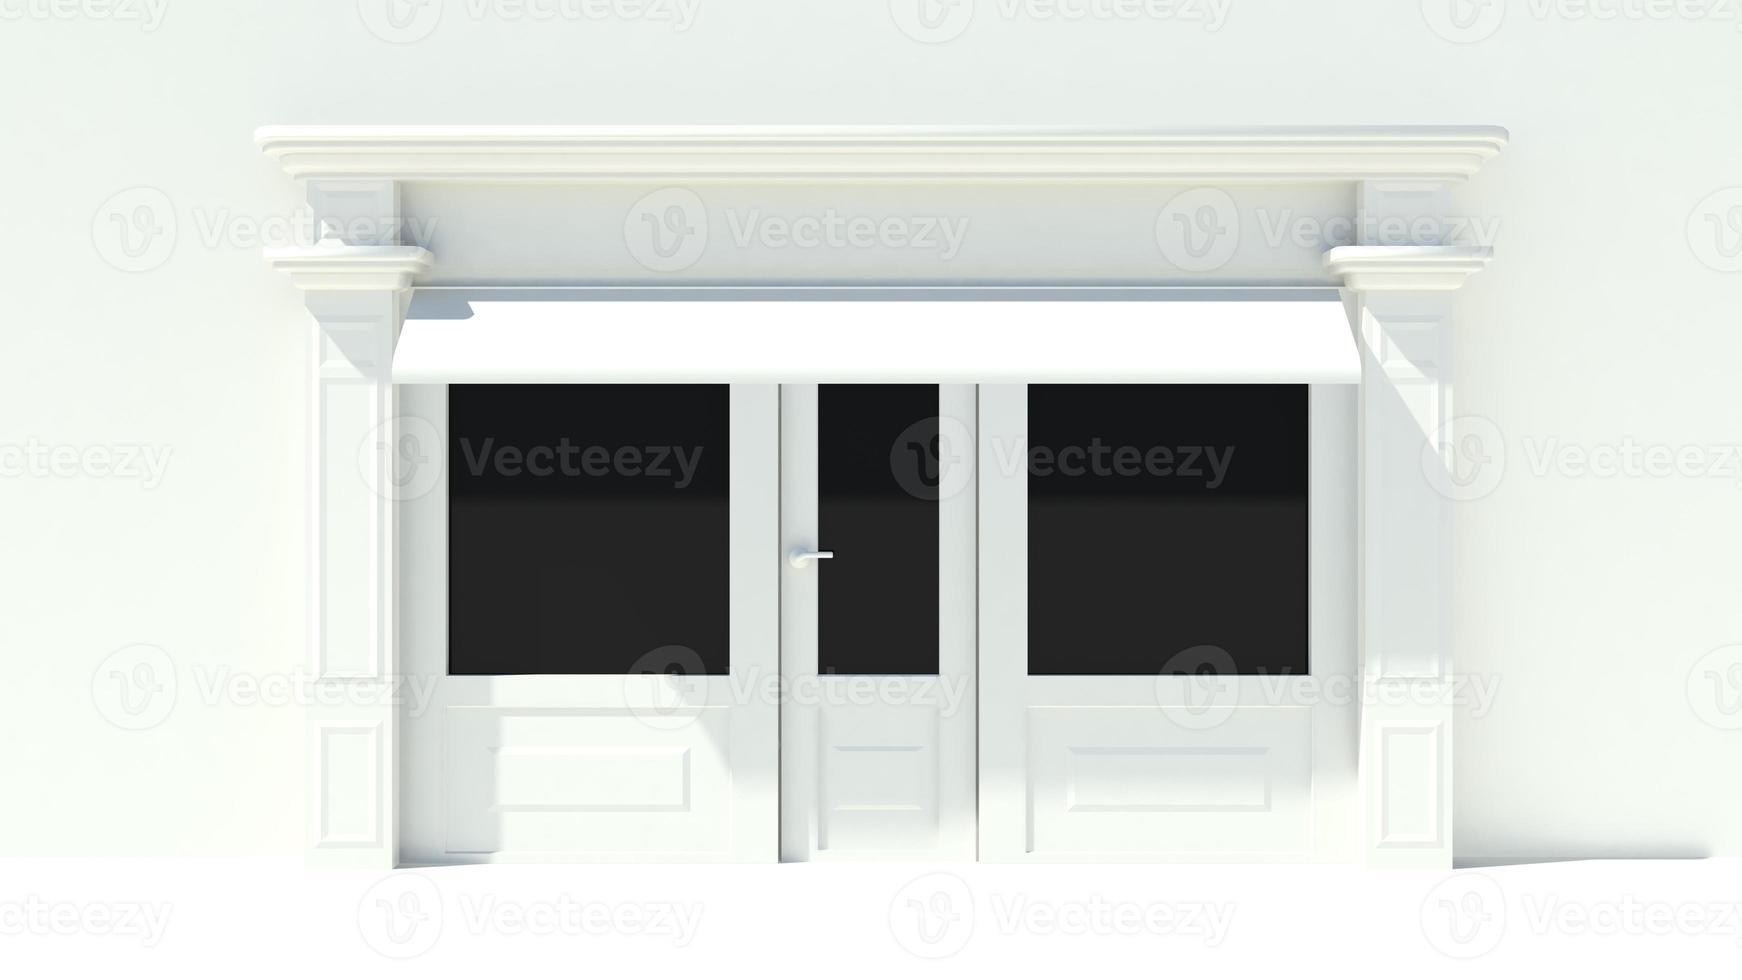 fachada ensolarada com janelas grandes, fachada branca com toldos foto